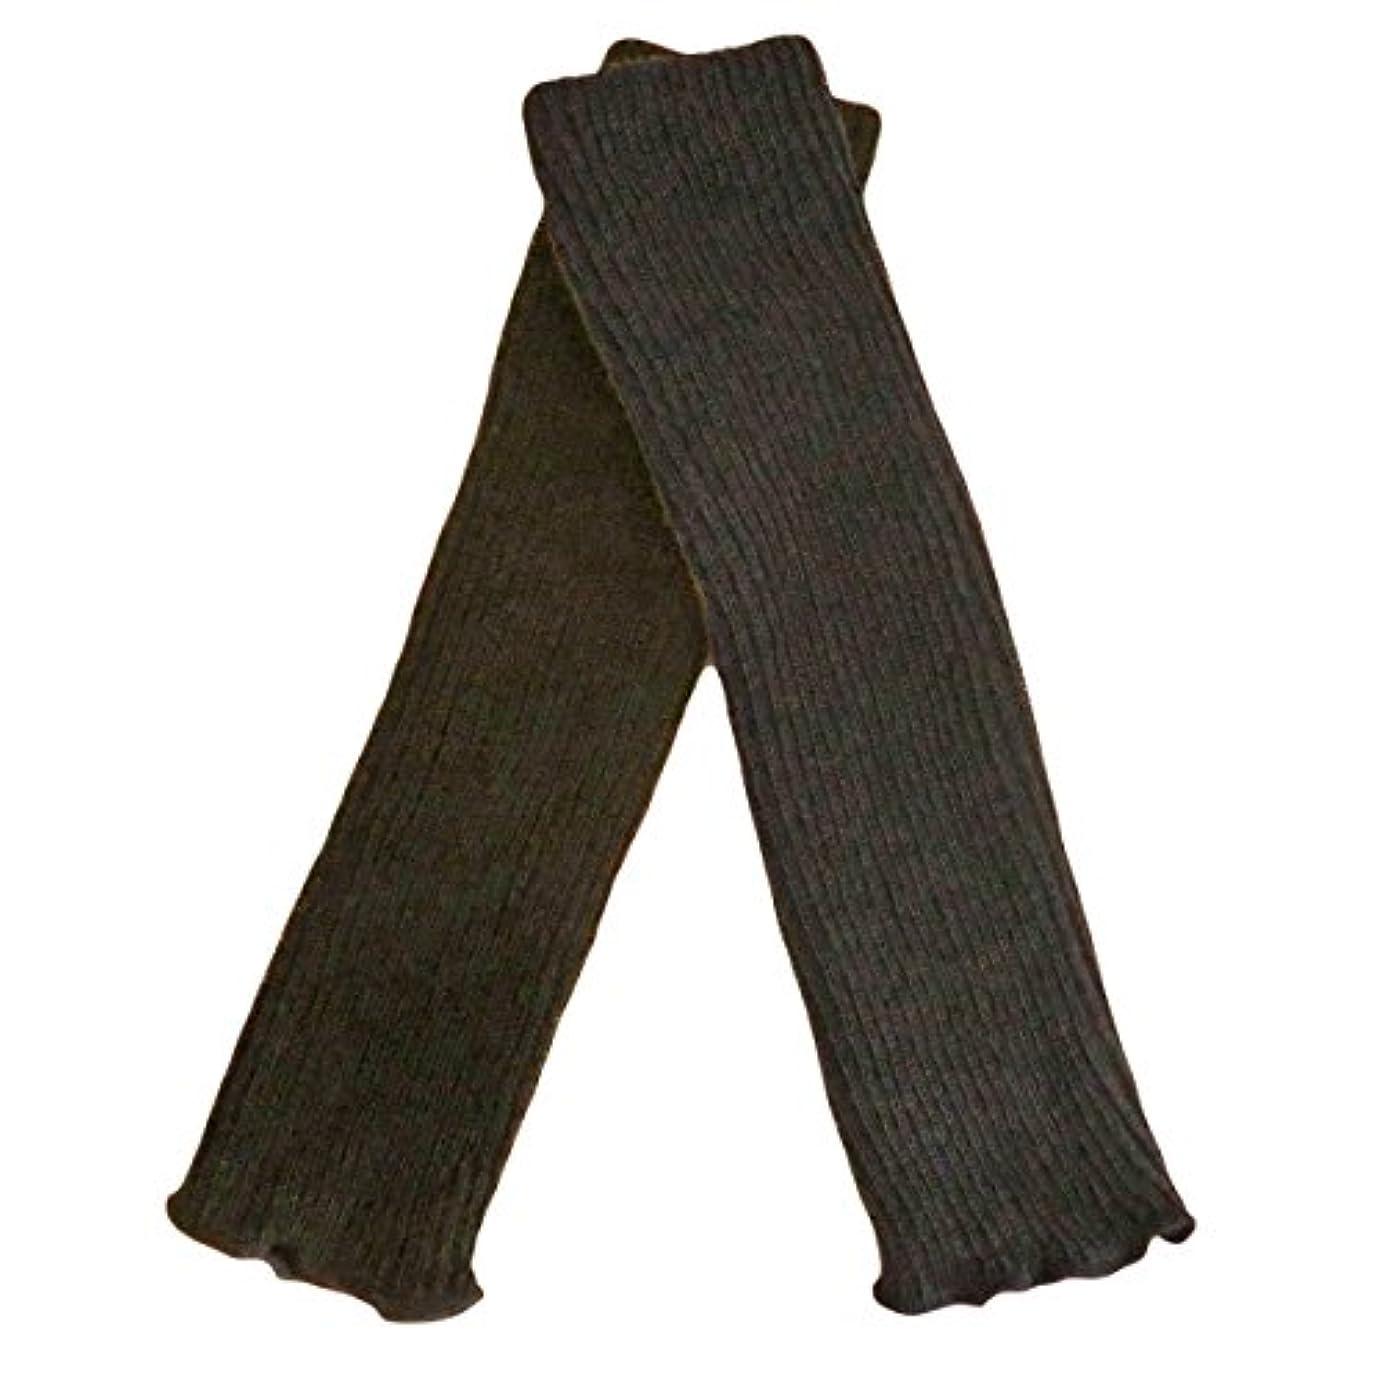 天気接地米ドルシルクウール二重編みレッグウォーマー 内絹外毛の二重縫製があたたかい厚手レッグウォーマー (ブラウン)